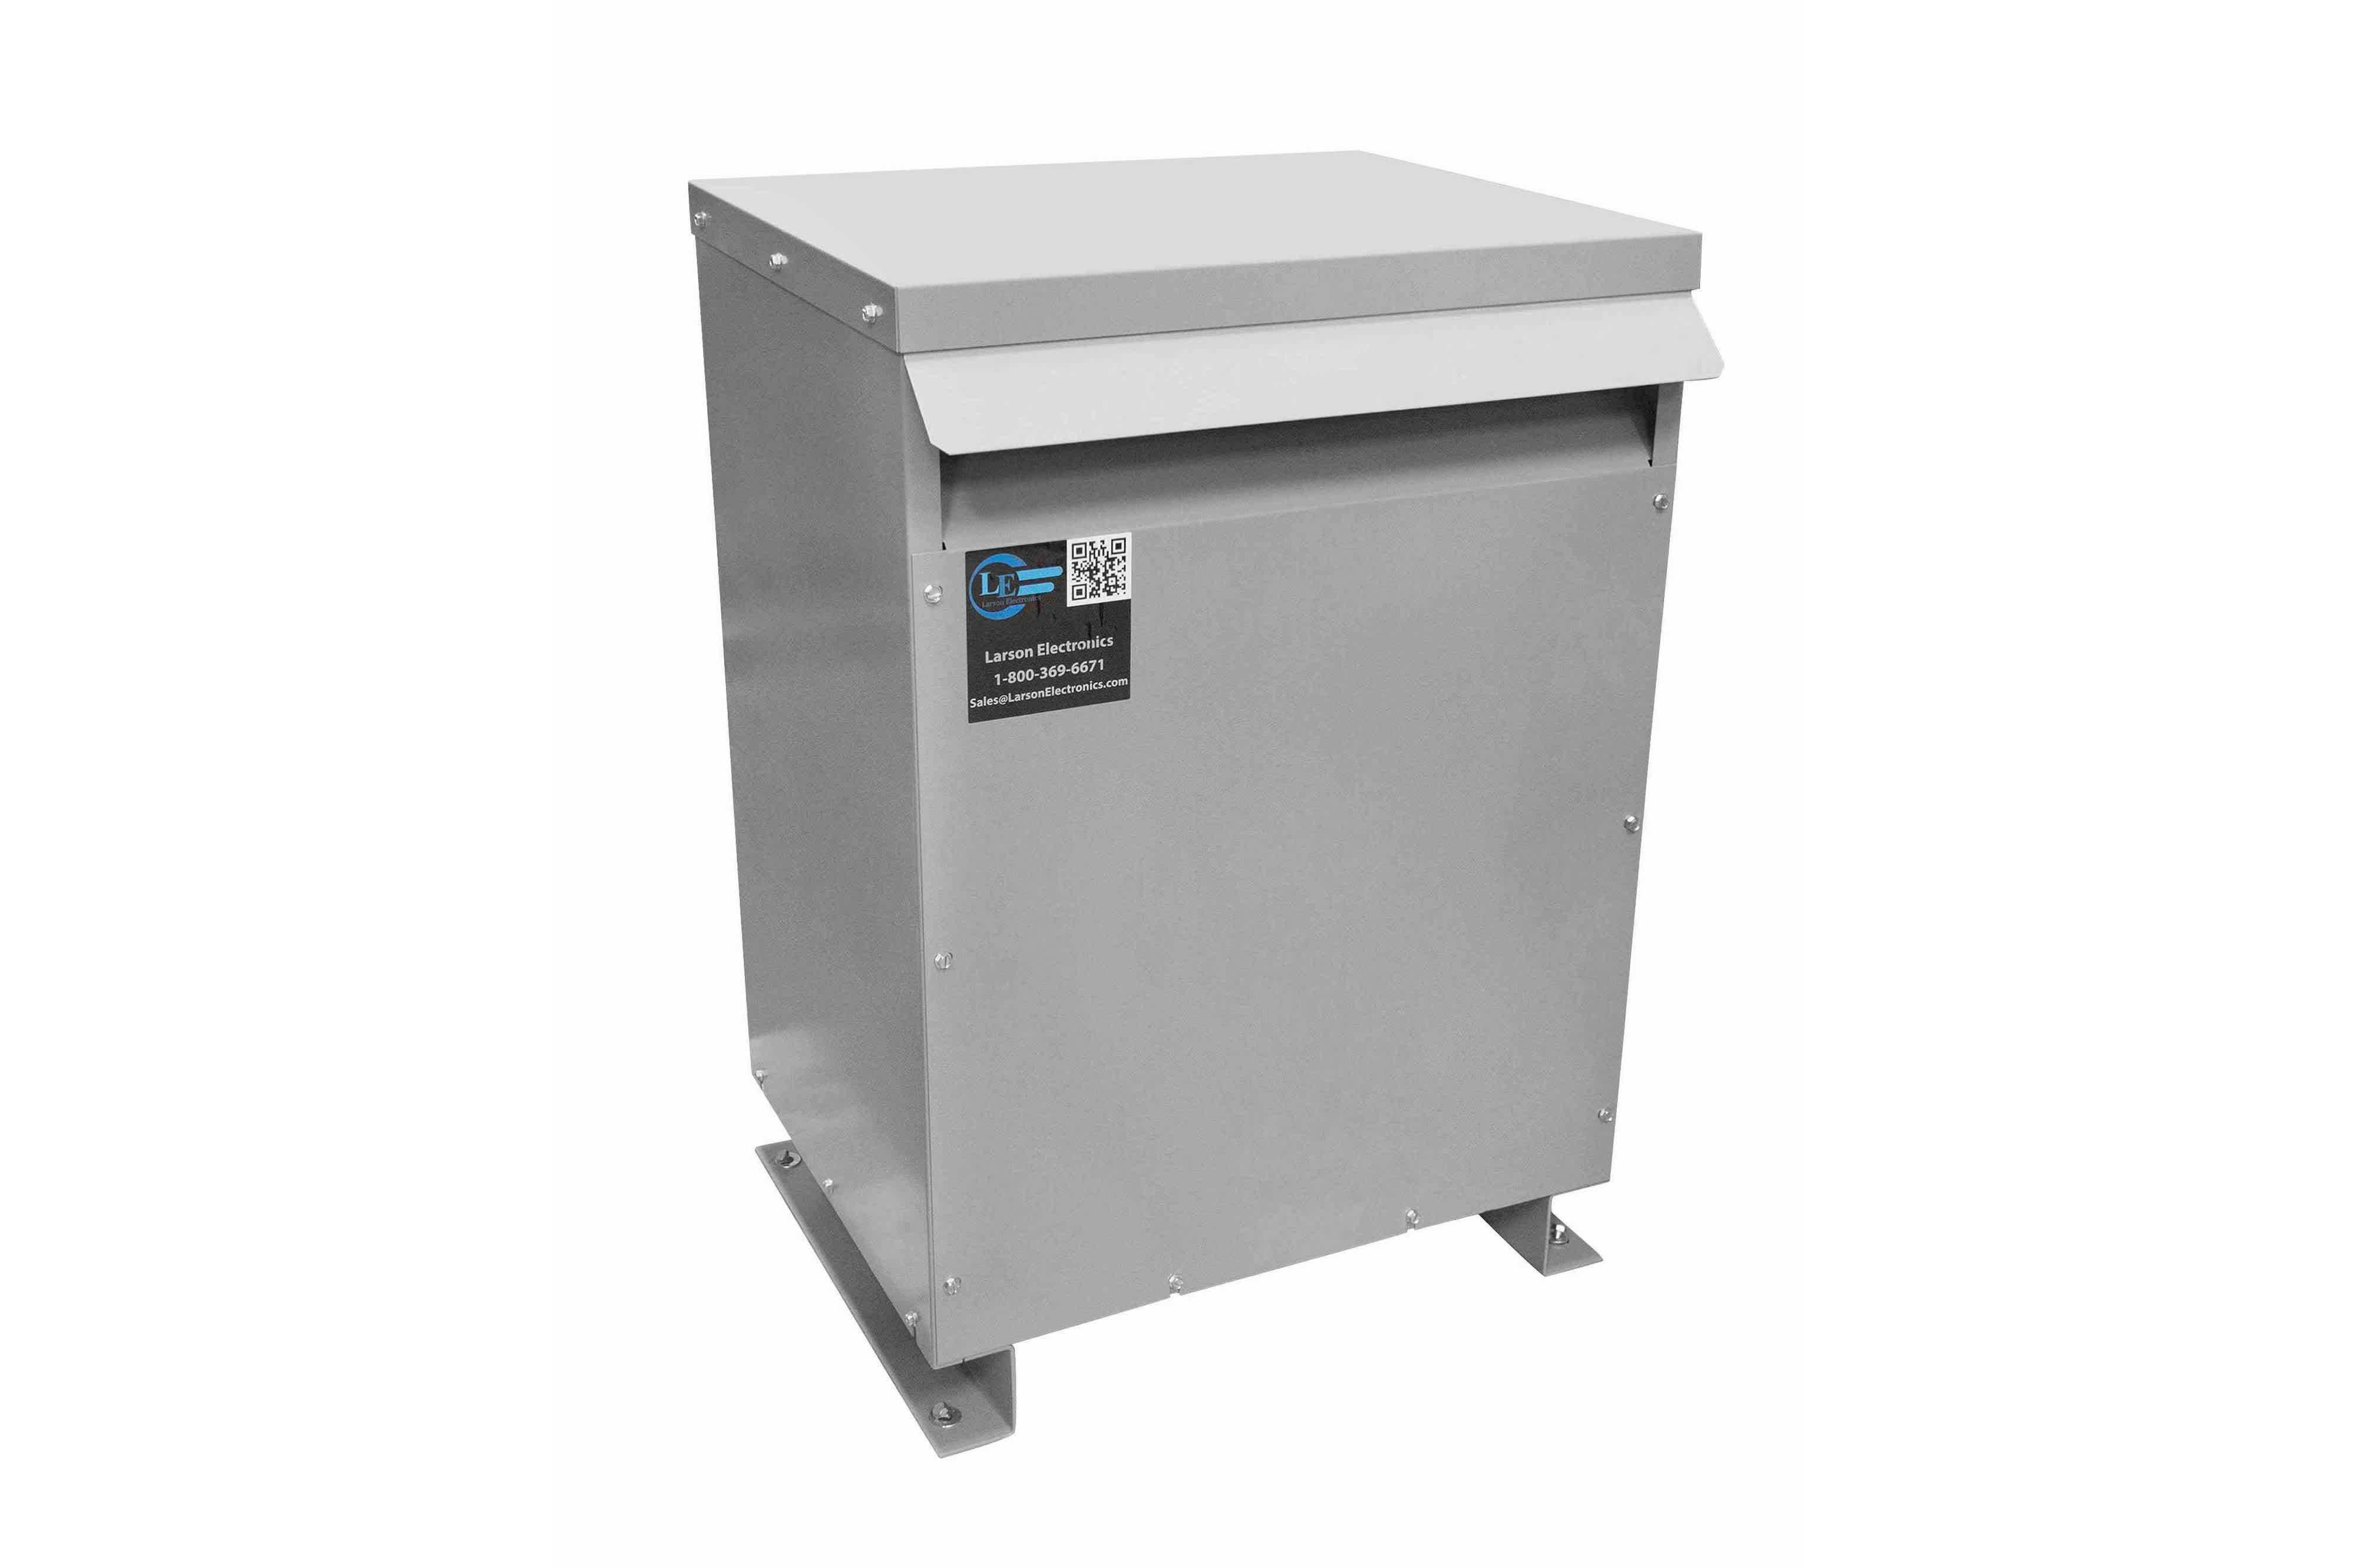 47.5 kVA 3PH Isolation Transformer, 415V Delta Primary, 240 Delta Secondary, N3R, Ventilated, 60 Hz